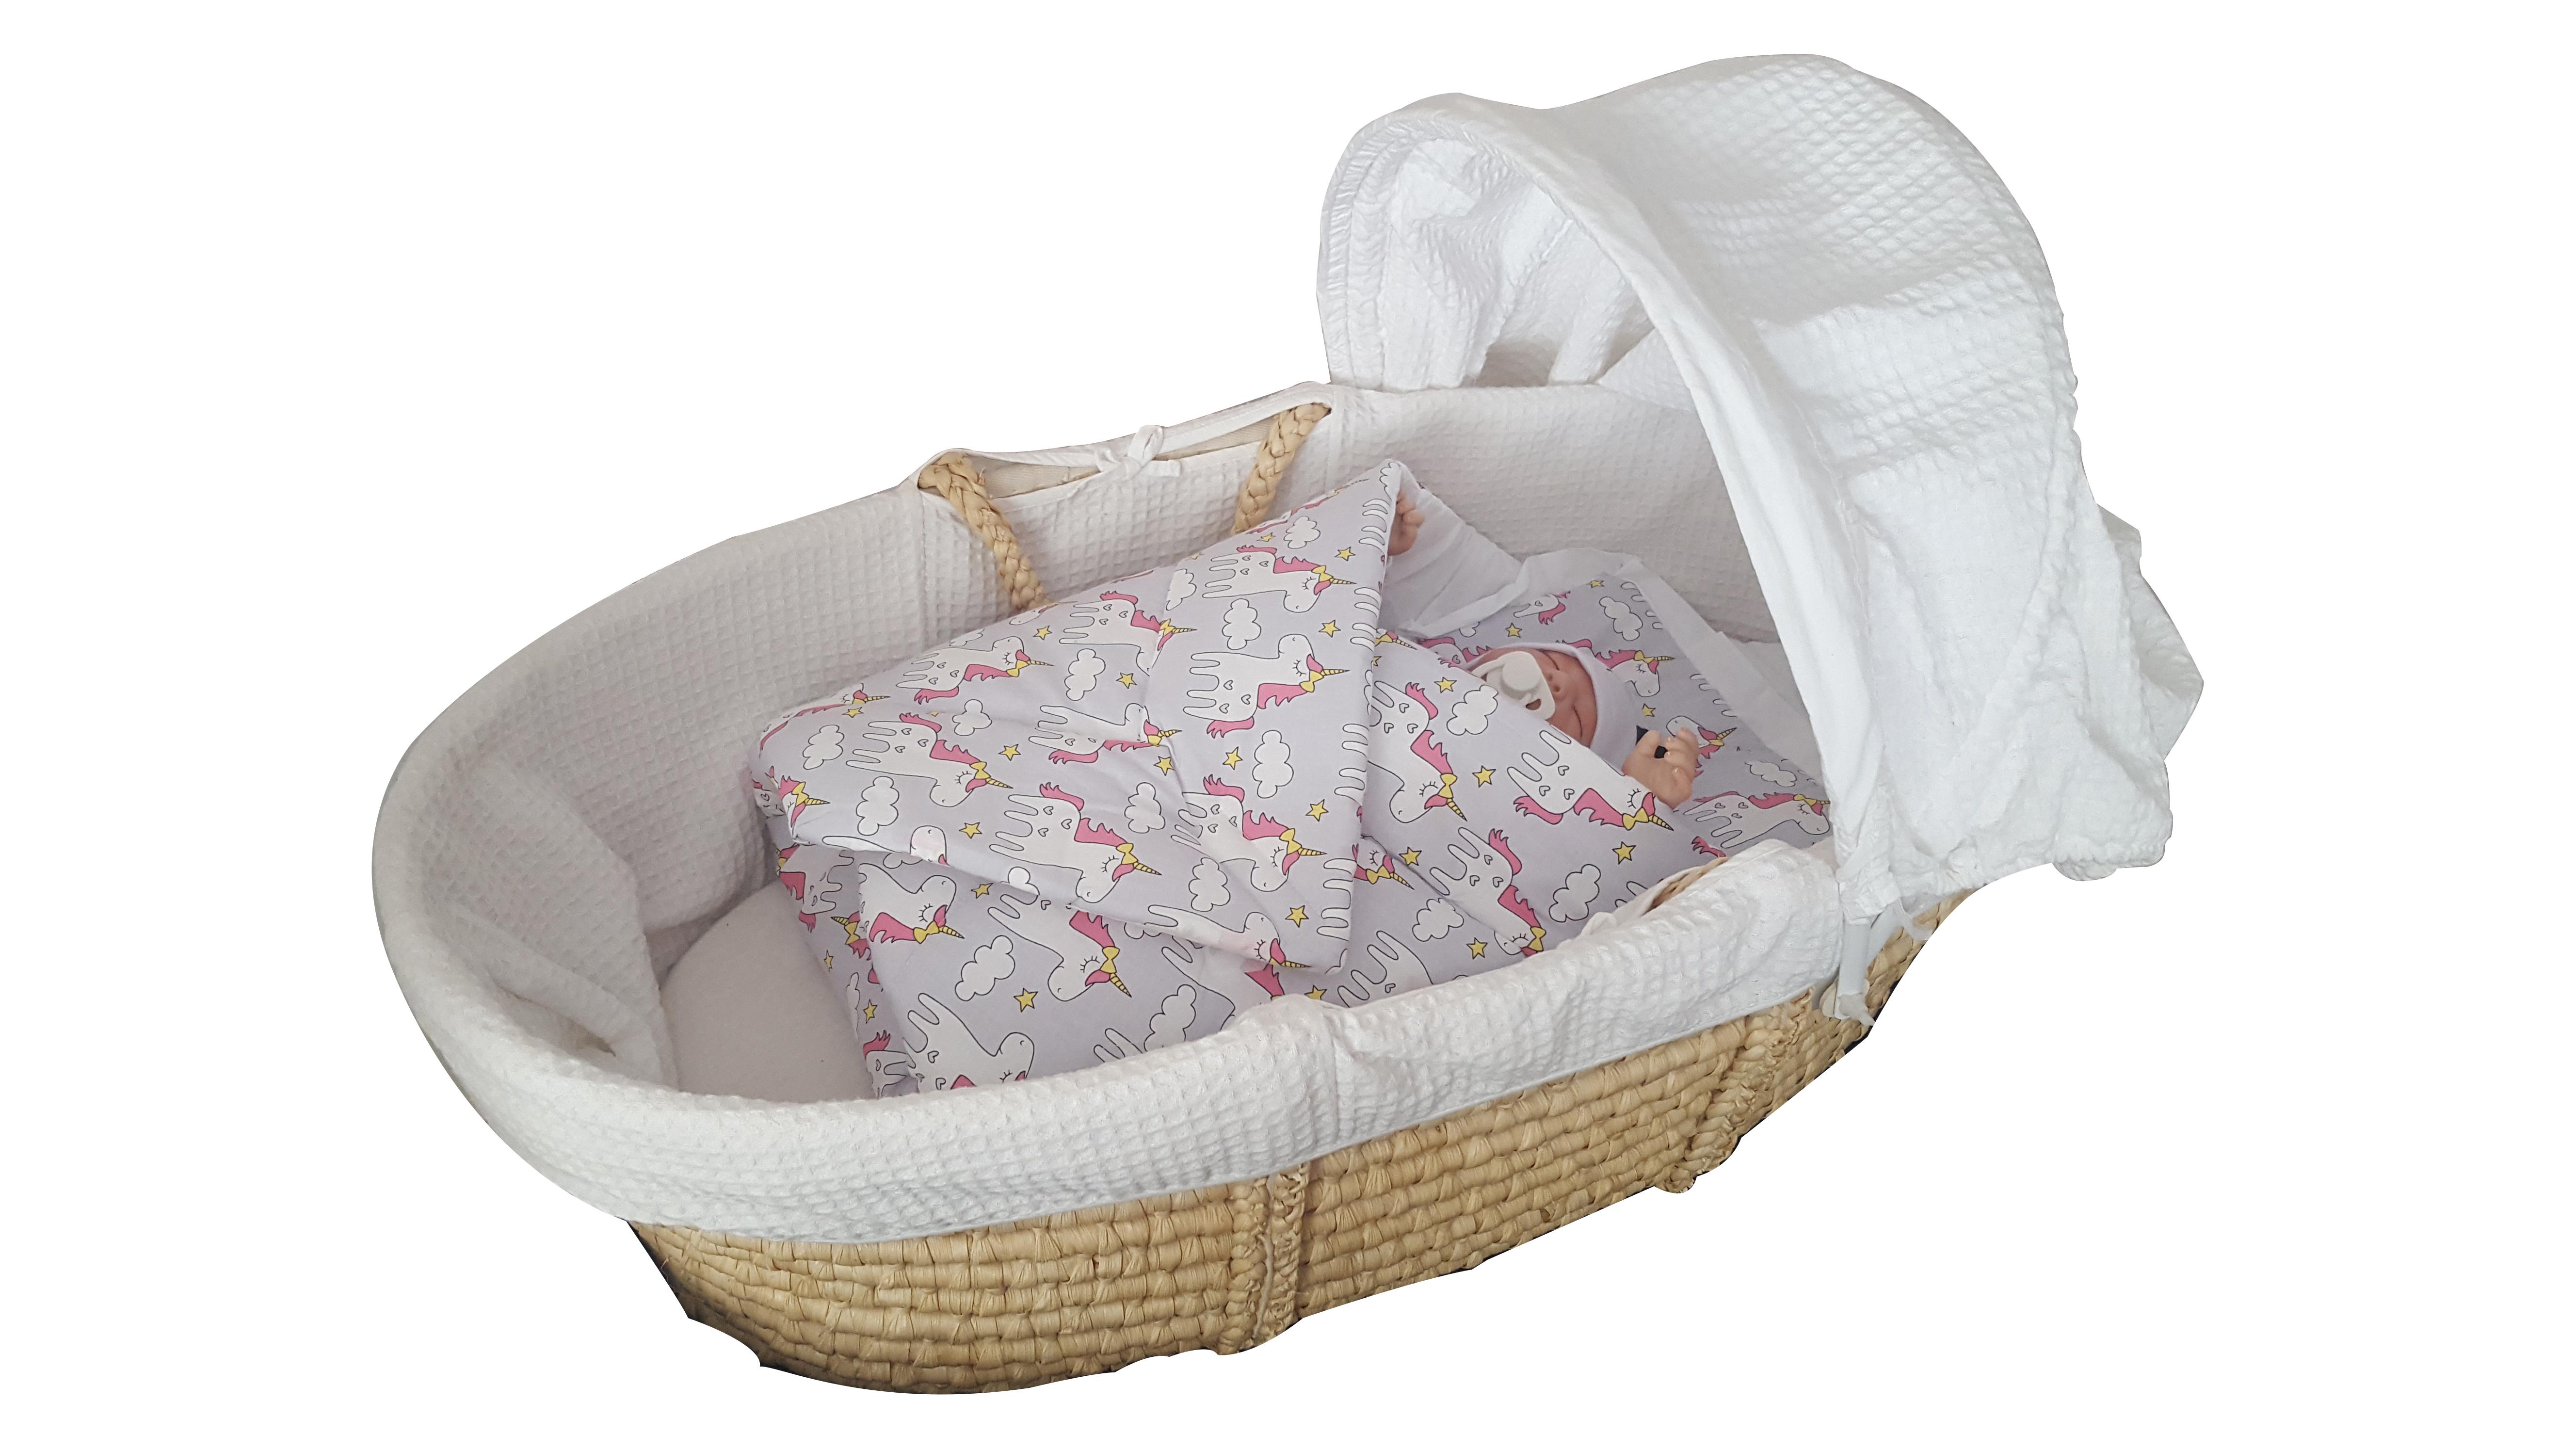 blueberryshop klassische mit kissen wickeldecke decke schlafsack f r neugeborene ebay. Black Bedroom Furniture Sets. Home Design Ideas